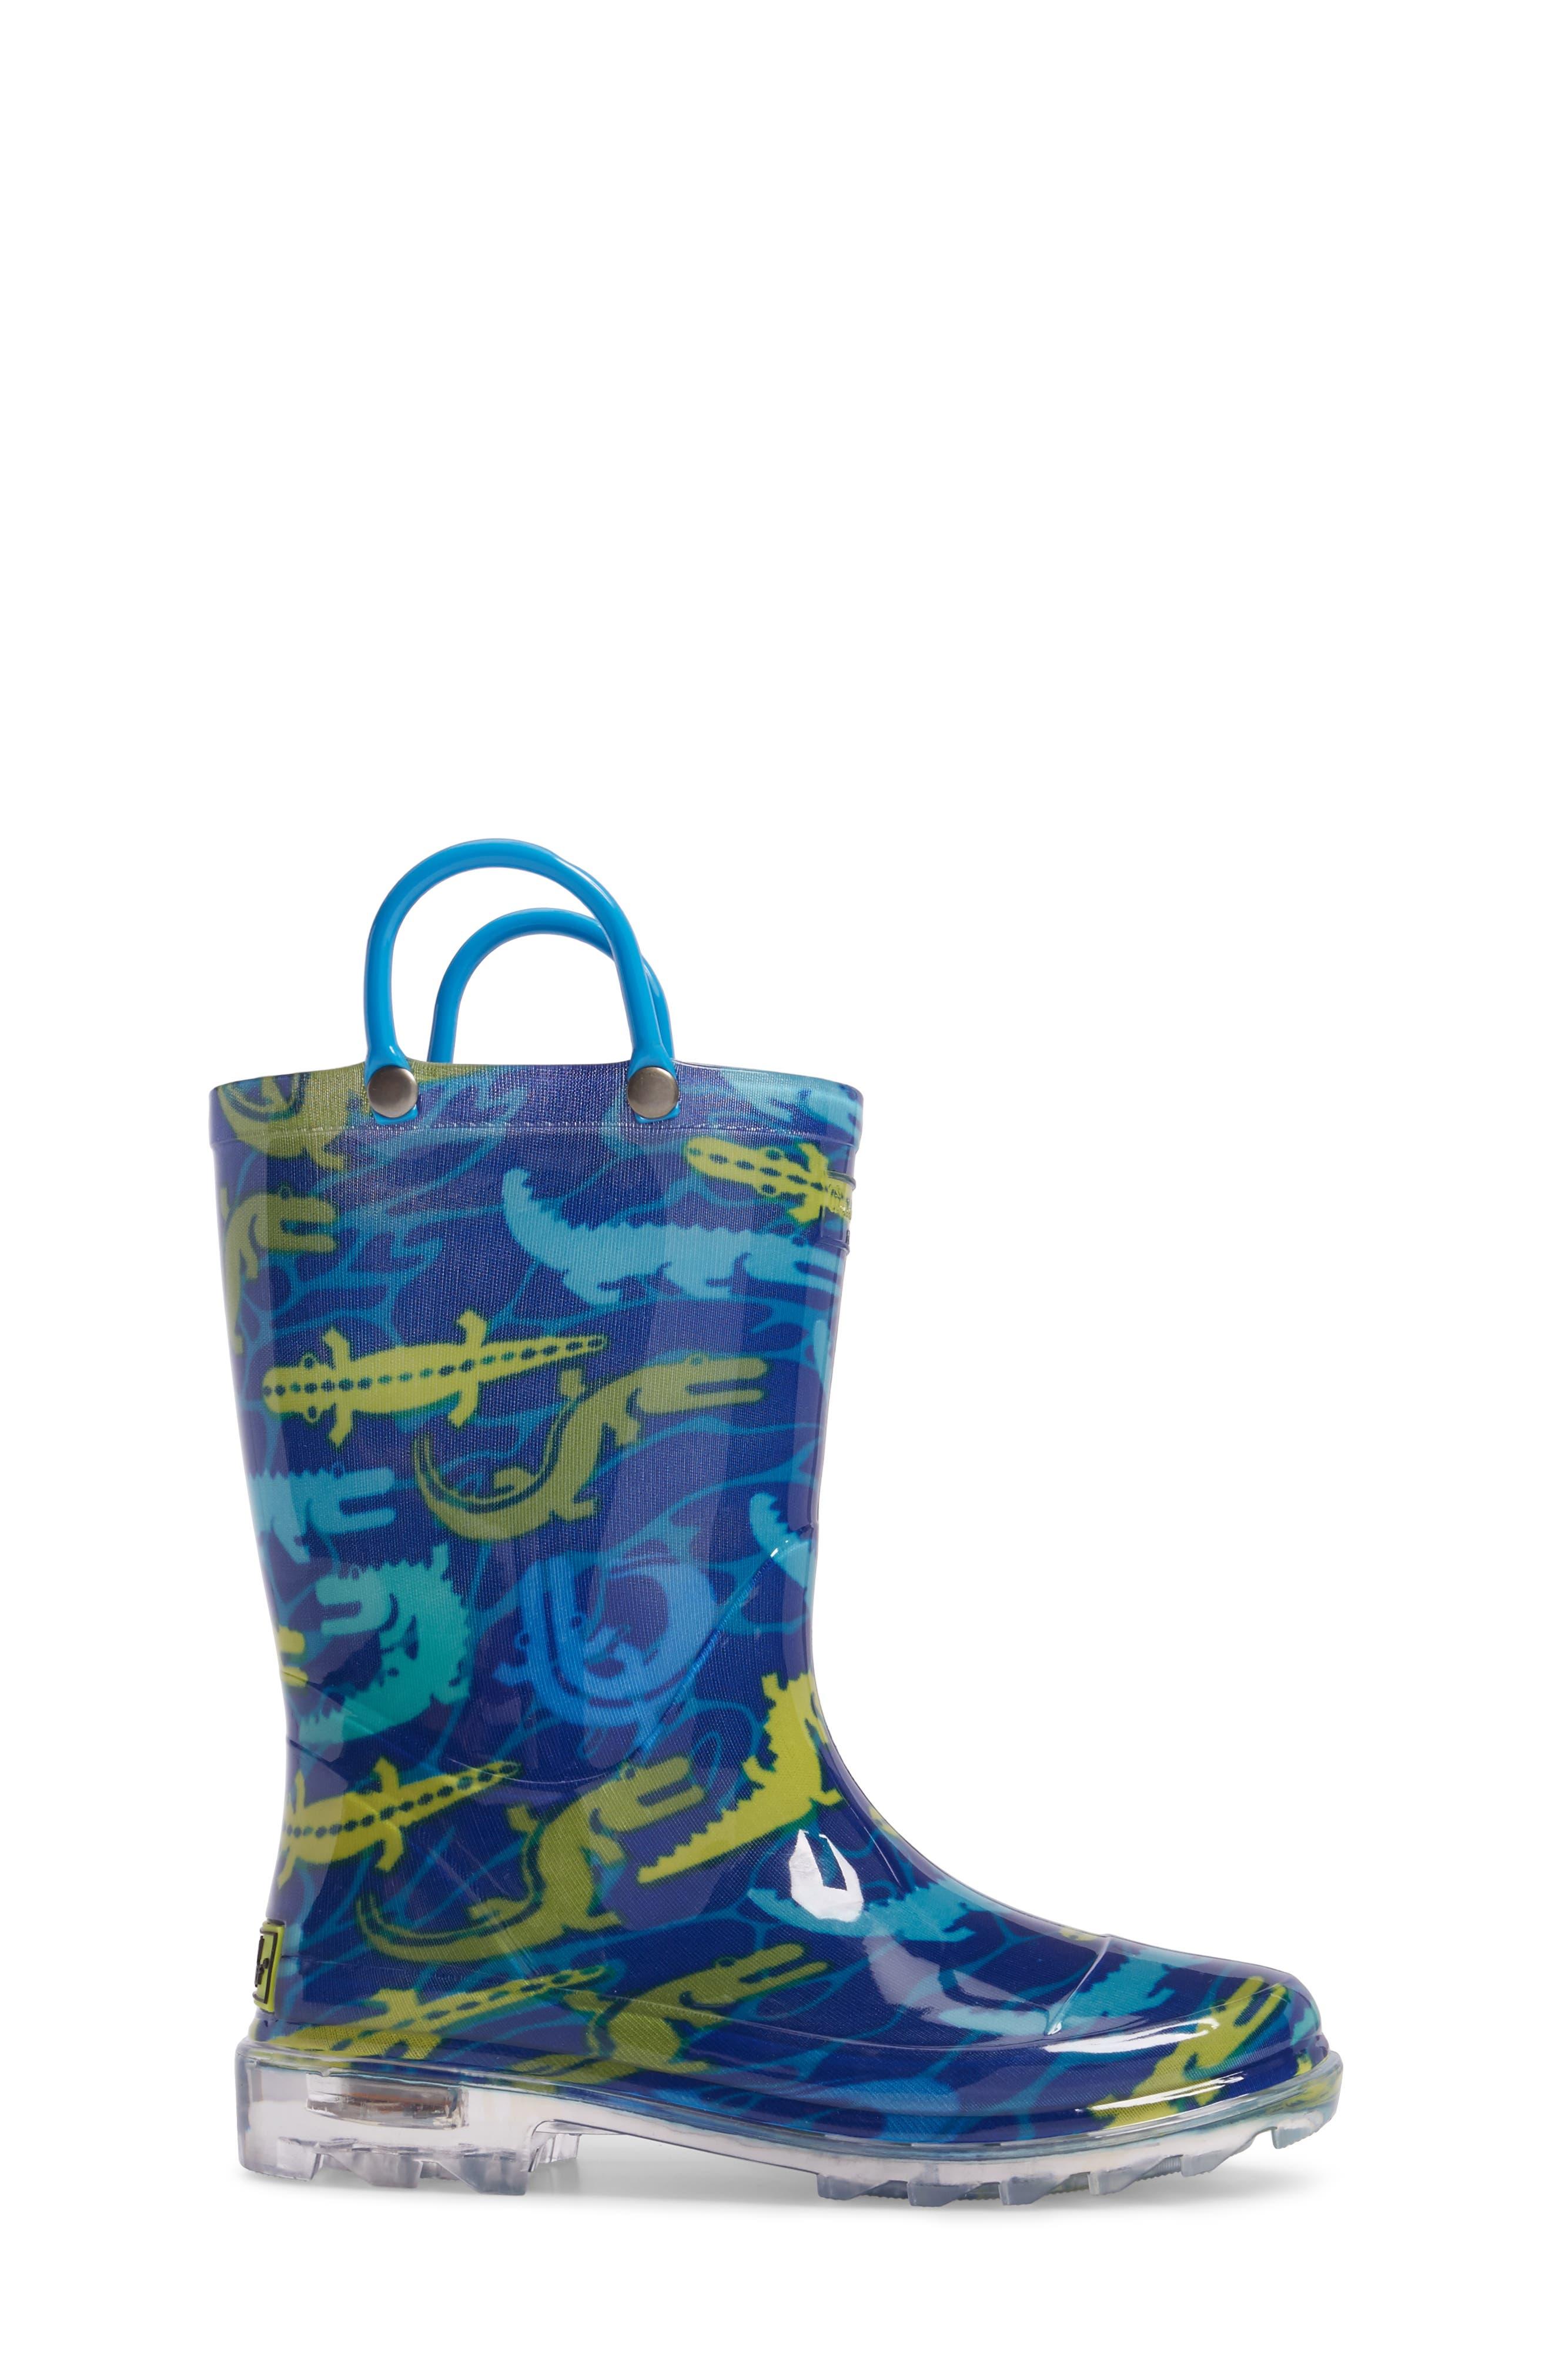 Gators Galore Light-Up Rain Boot,                             Alternate thumbnail 3, color,                             421